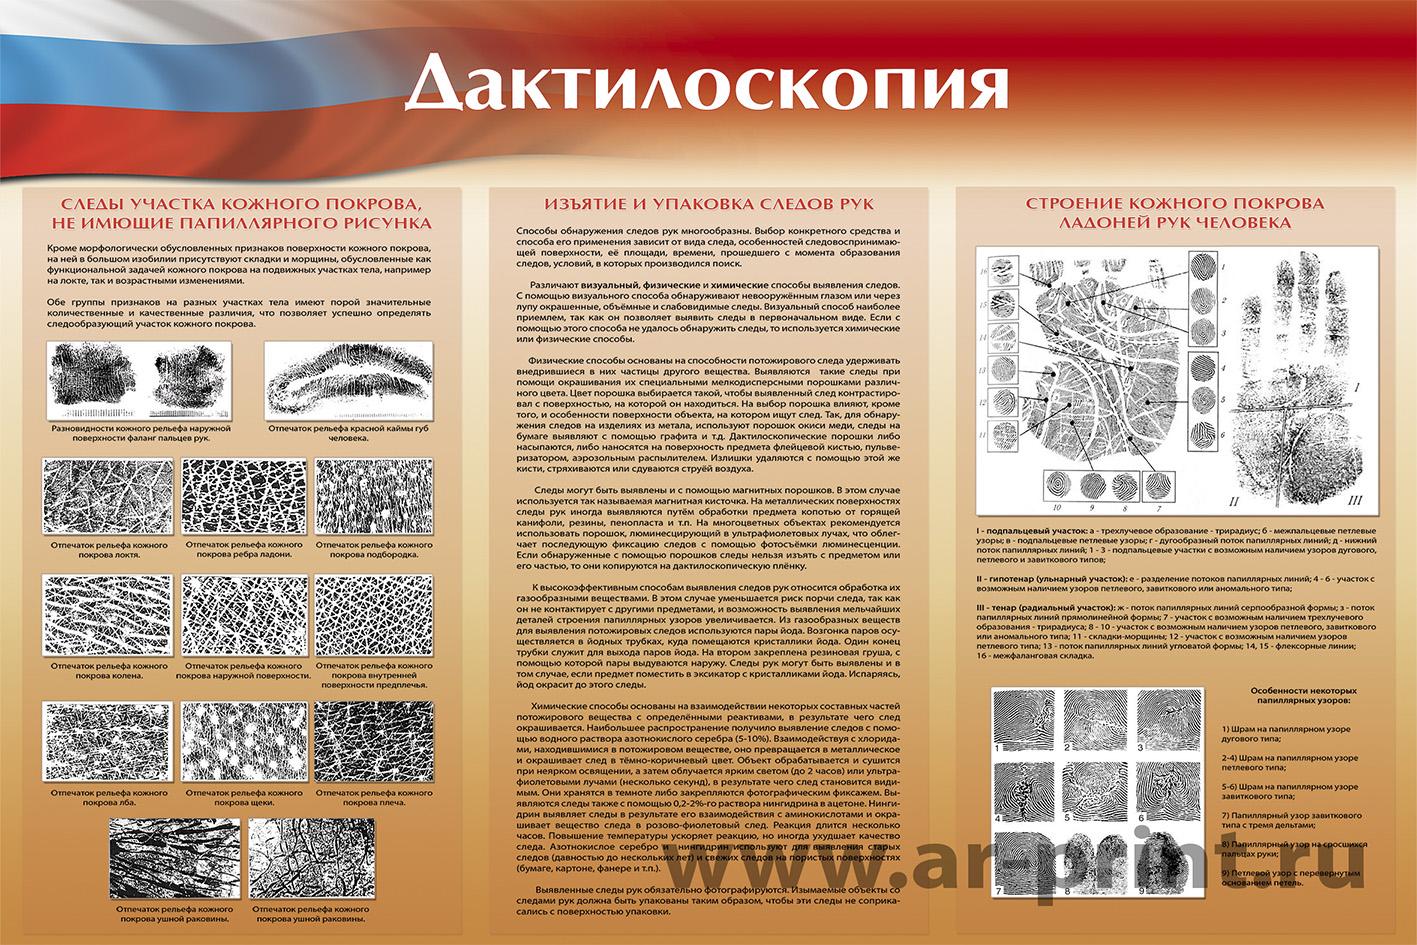 Дактилоскопия